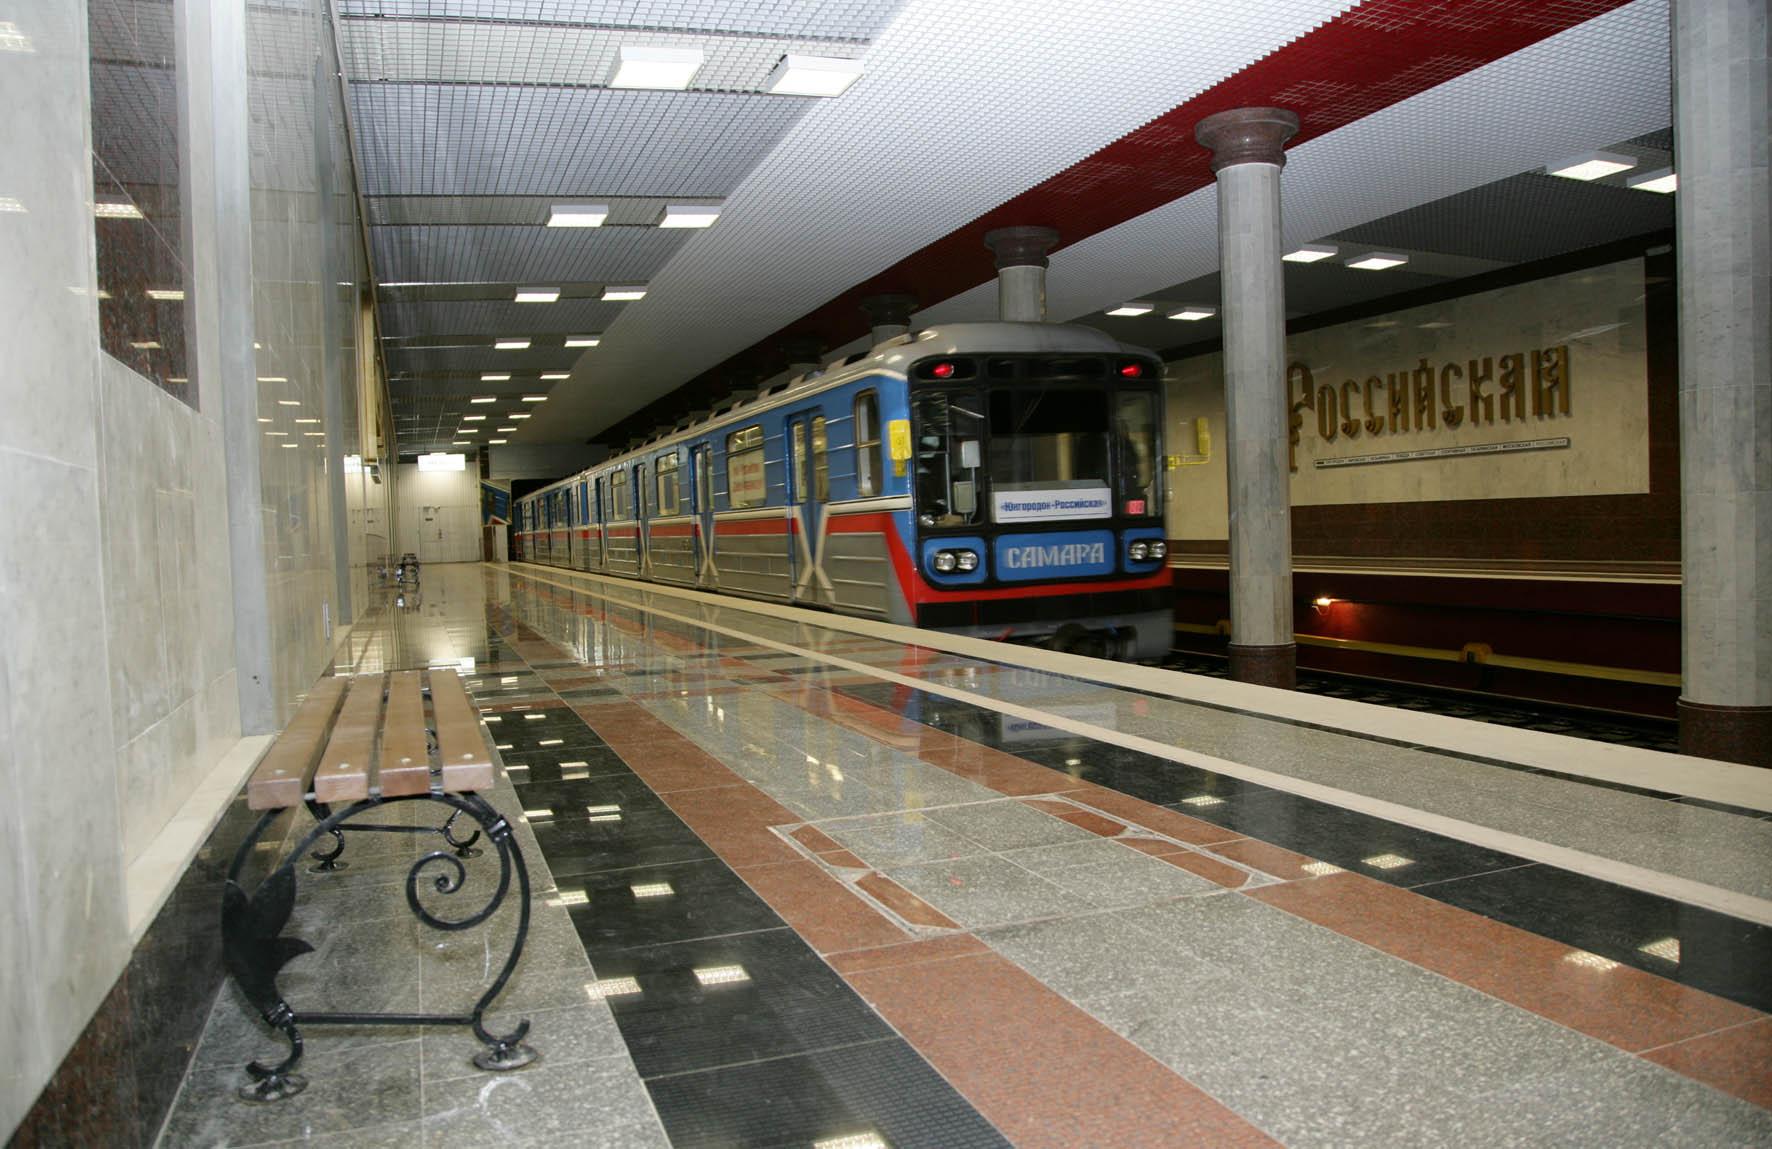 Самарский метрополитен. Станция Российская